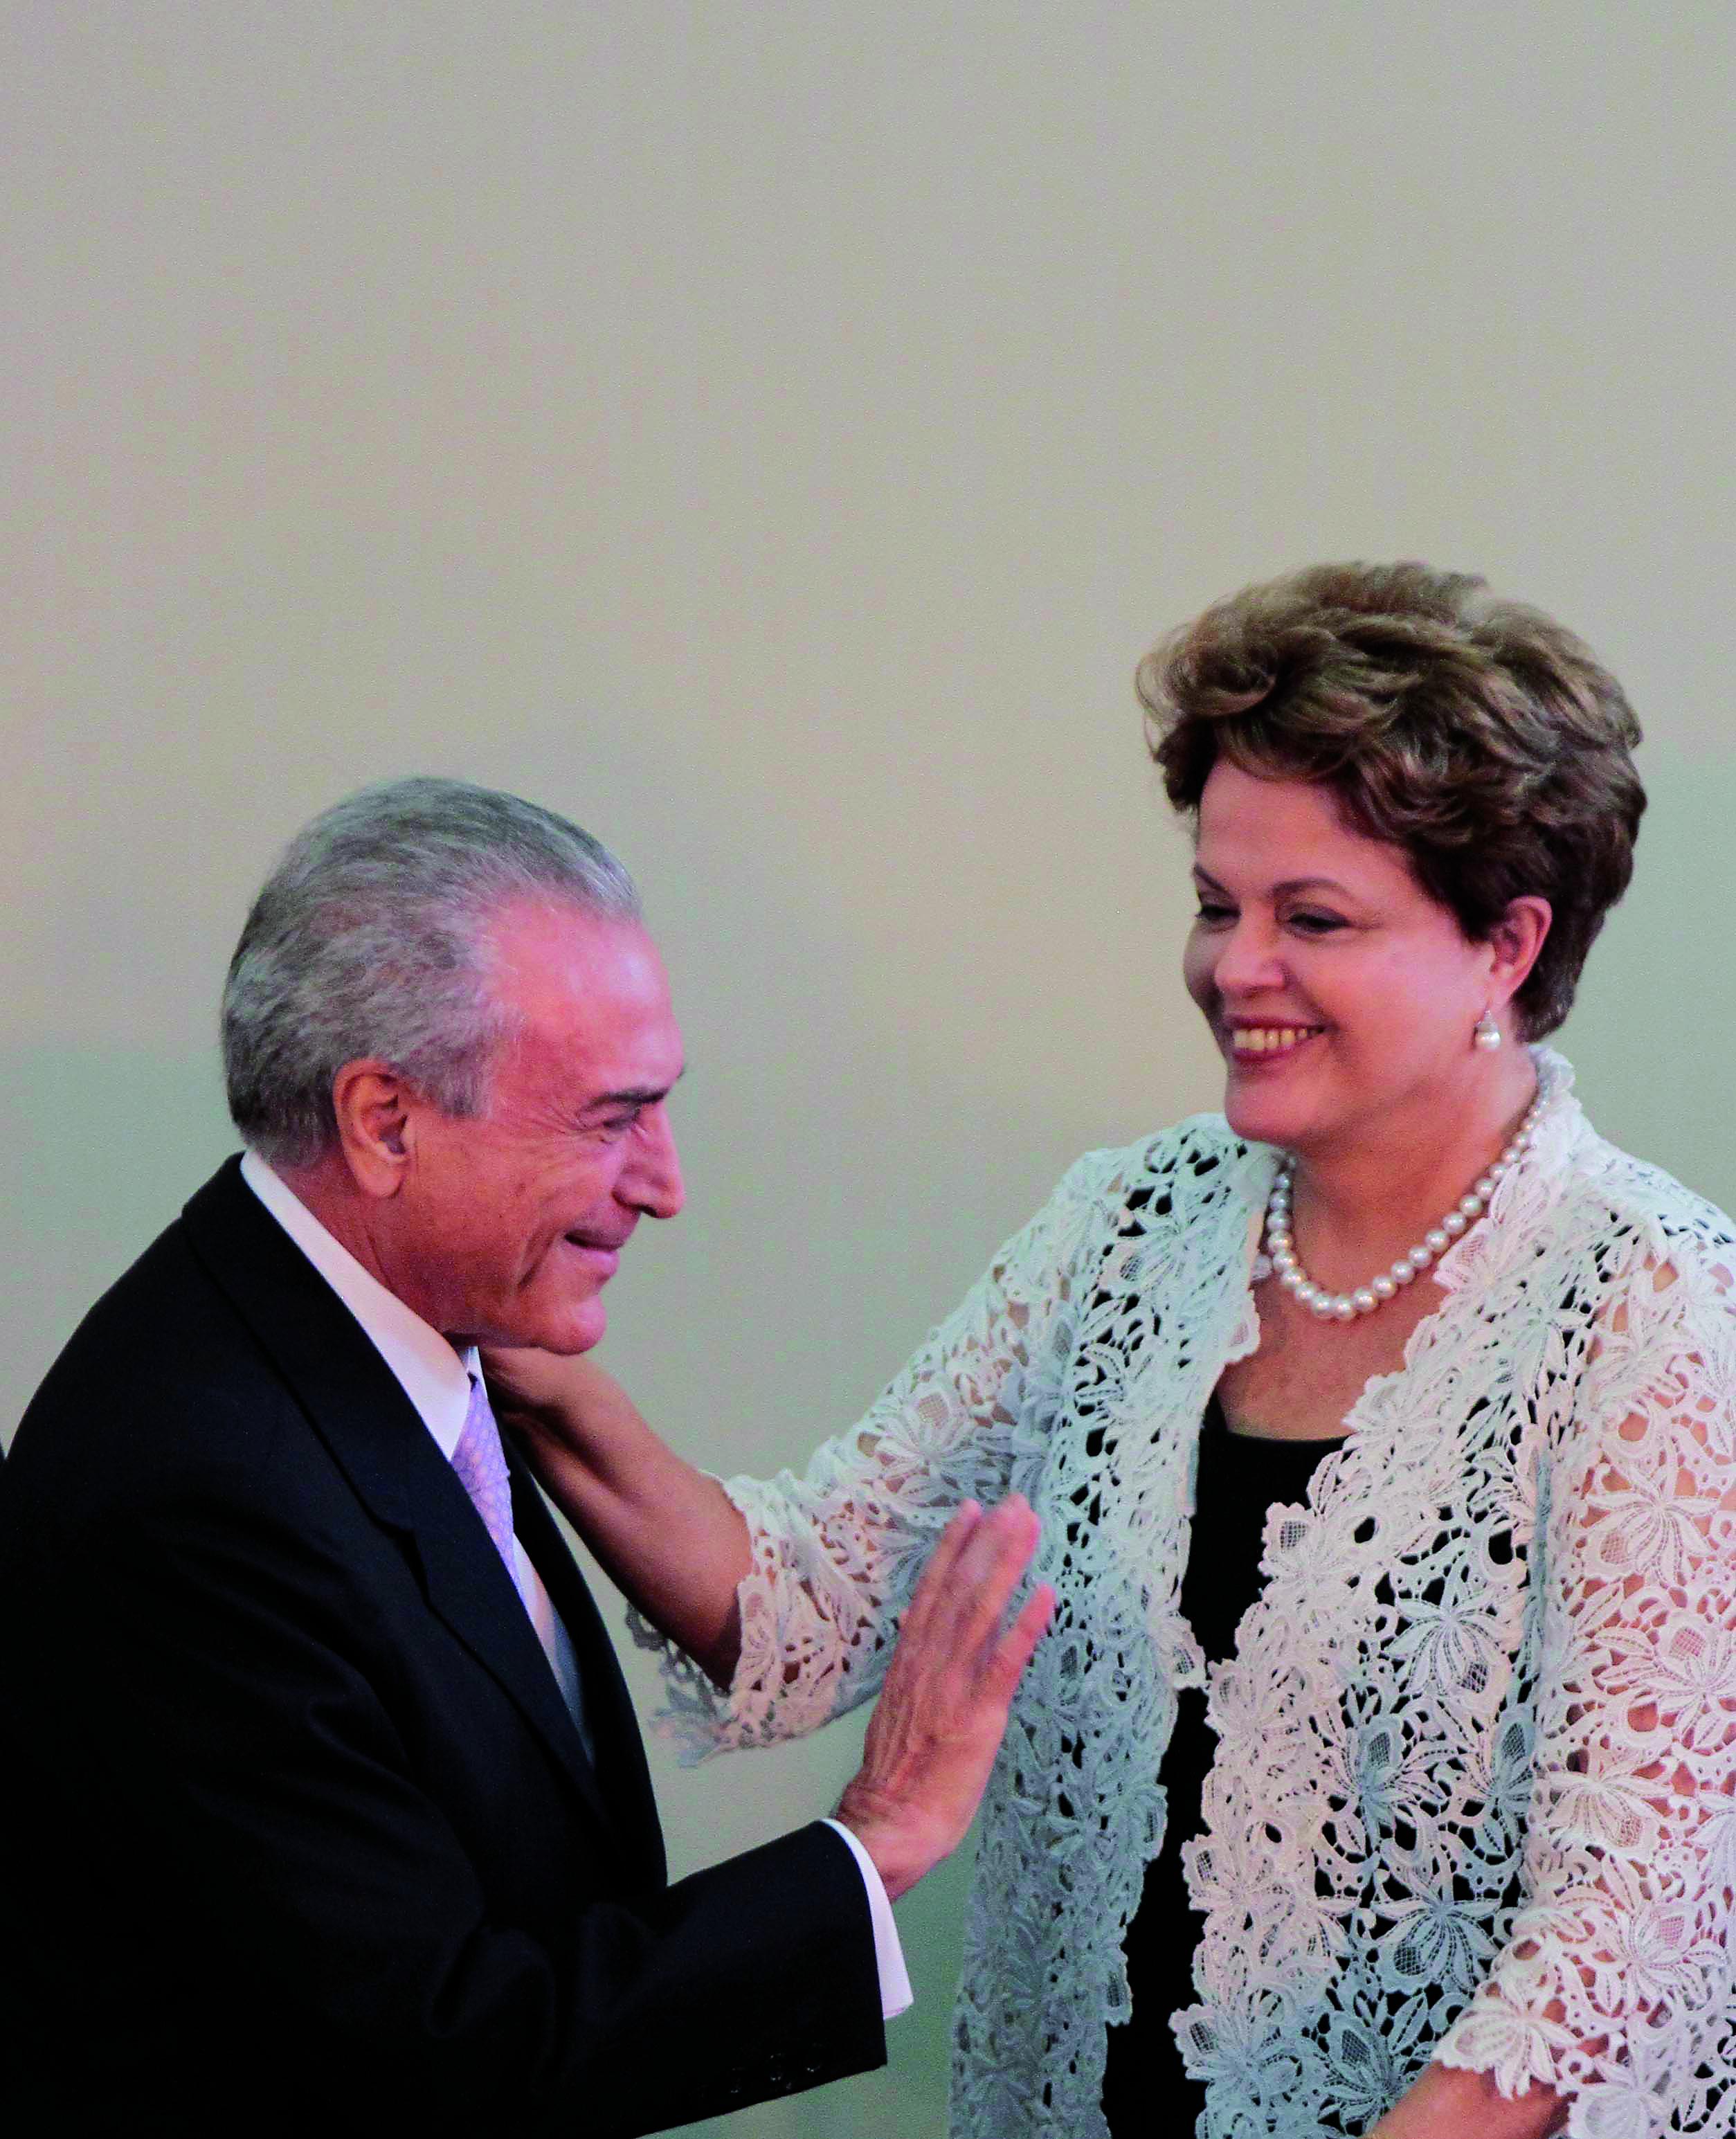 AUTORIDADES POLНTICAS SГO HOMENAGEADAS NO ANIVERSБRIO DE SГO PAULO